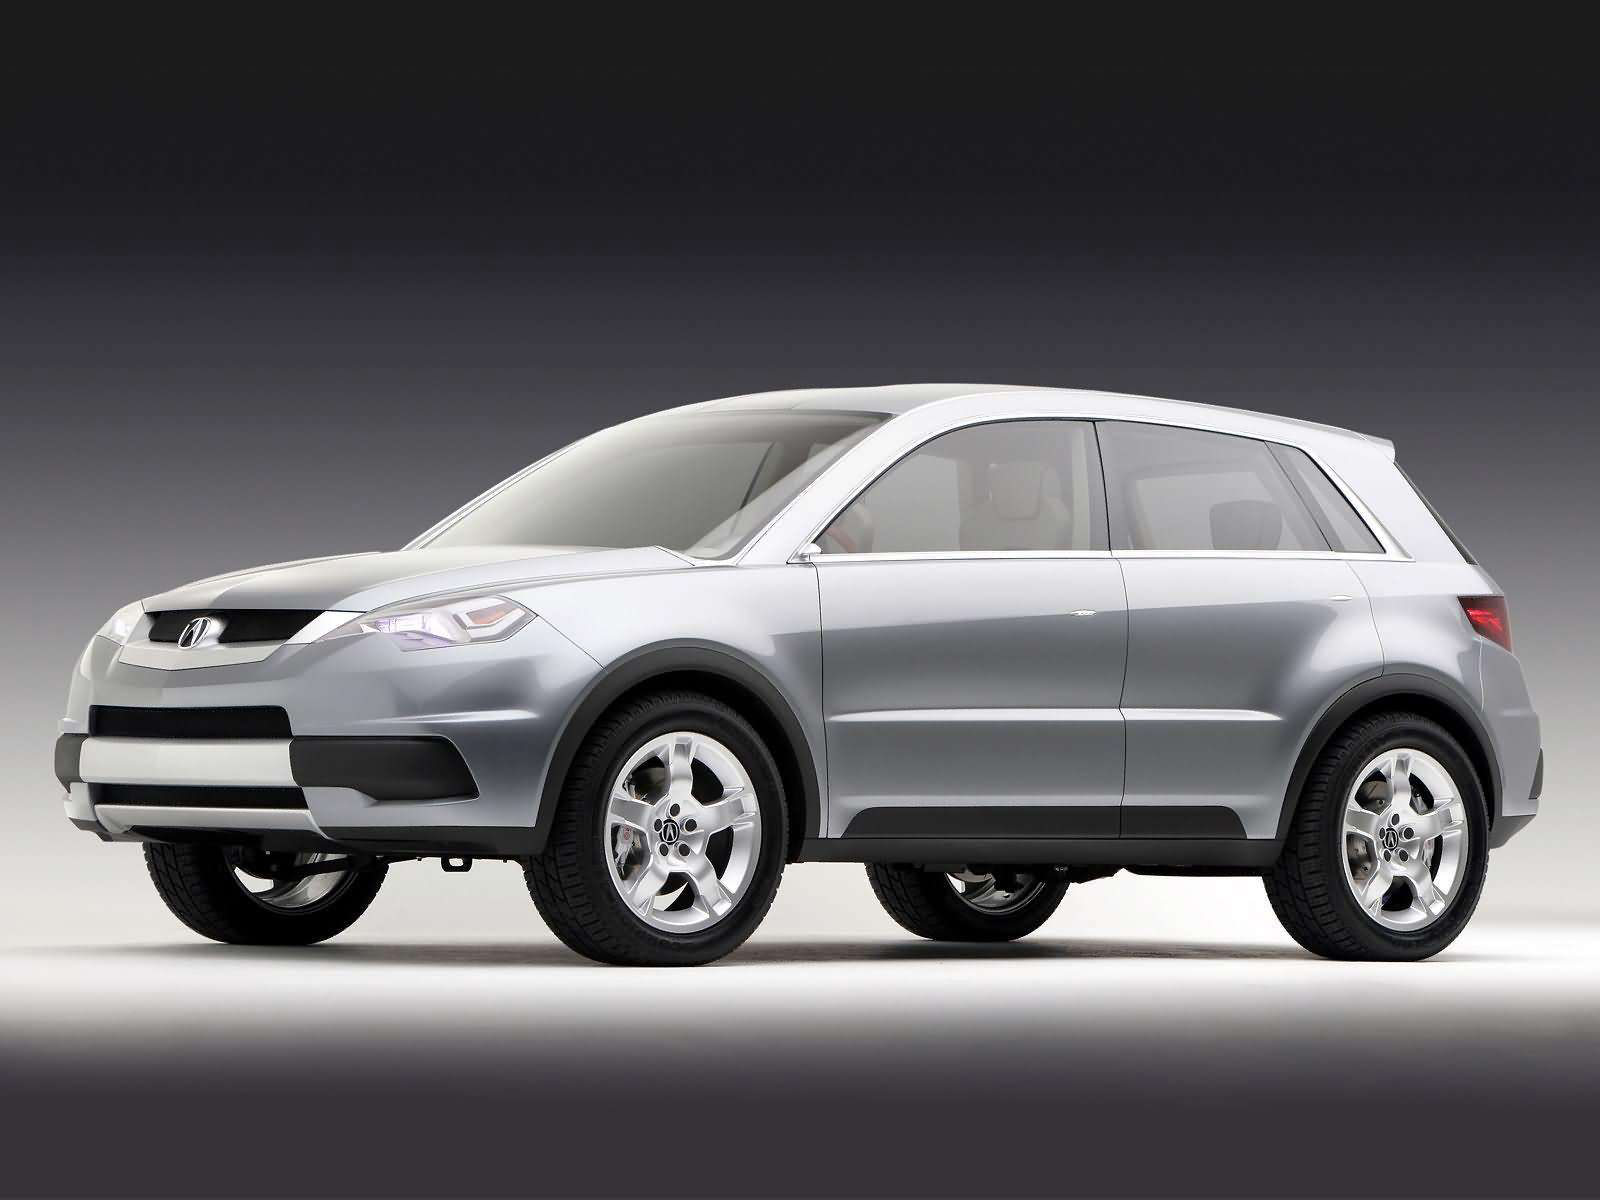 Acura Rl For Sale >> 2005 ACURA RDX Concept | Japanese car photos